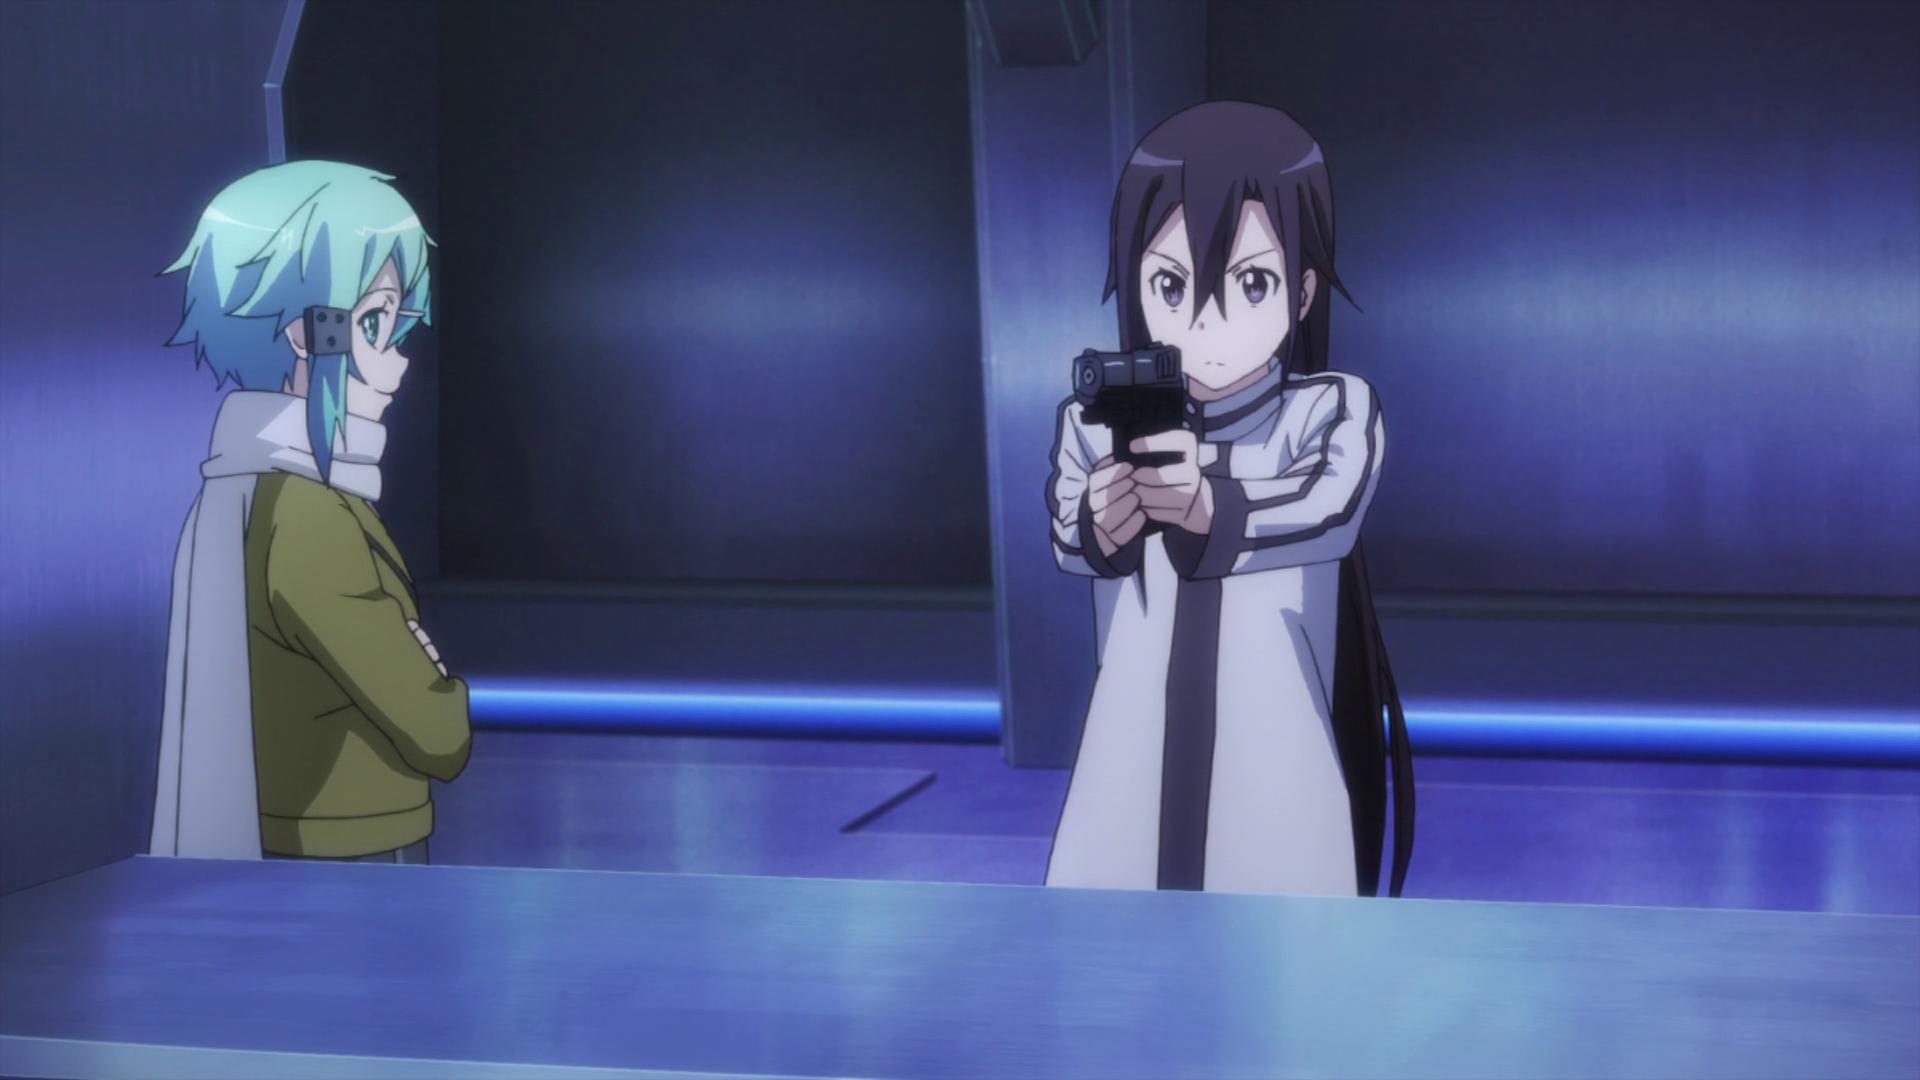 Kirito And Sinon In The Firing Range